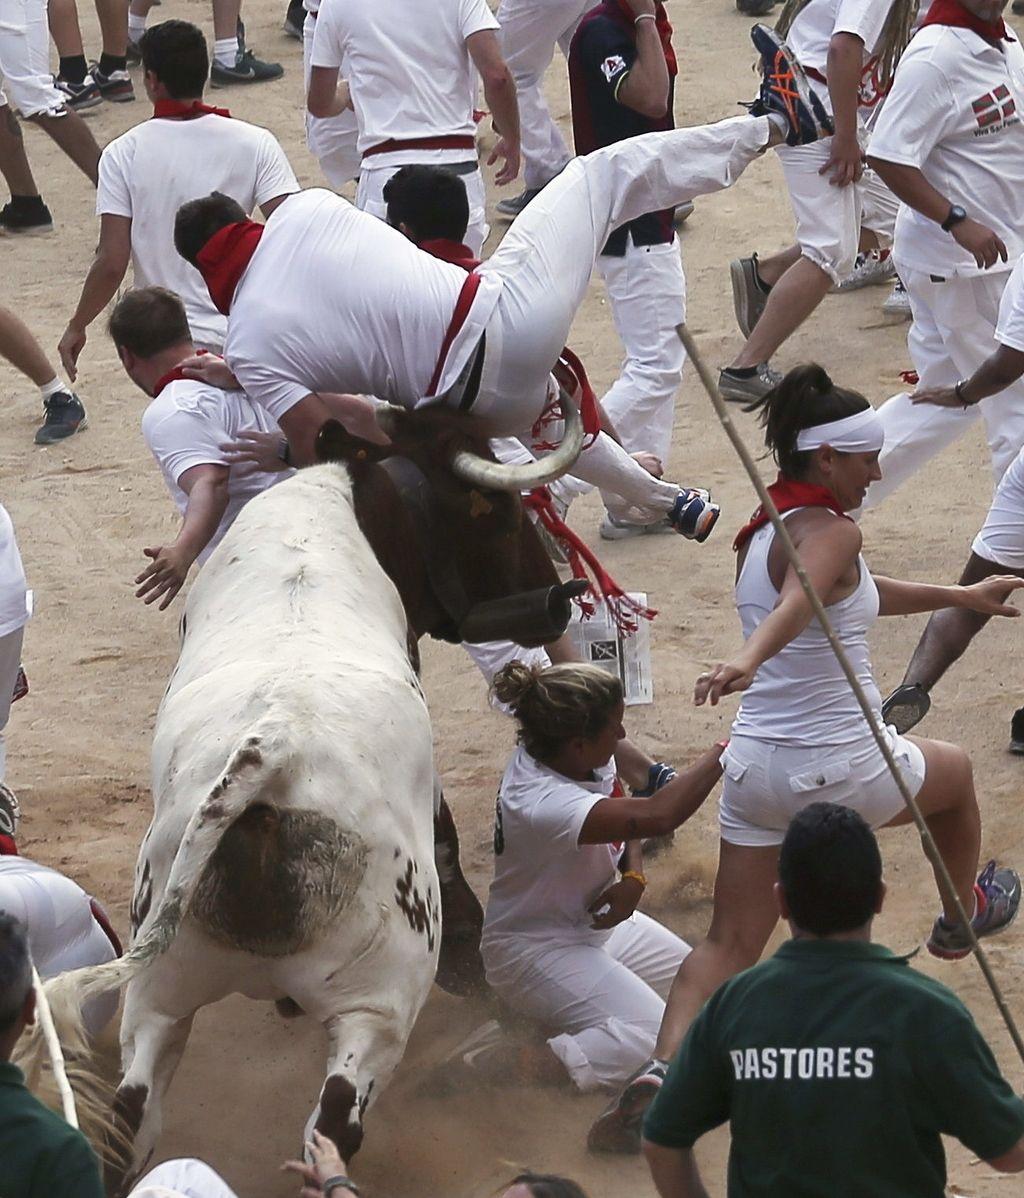 El segundo encierro ha terminado con un herido por asta de toro